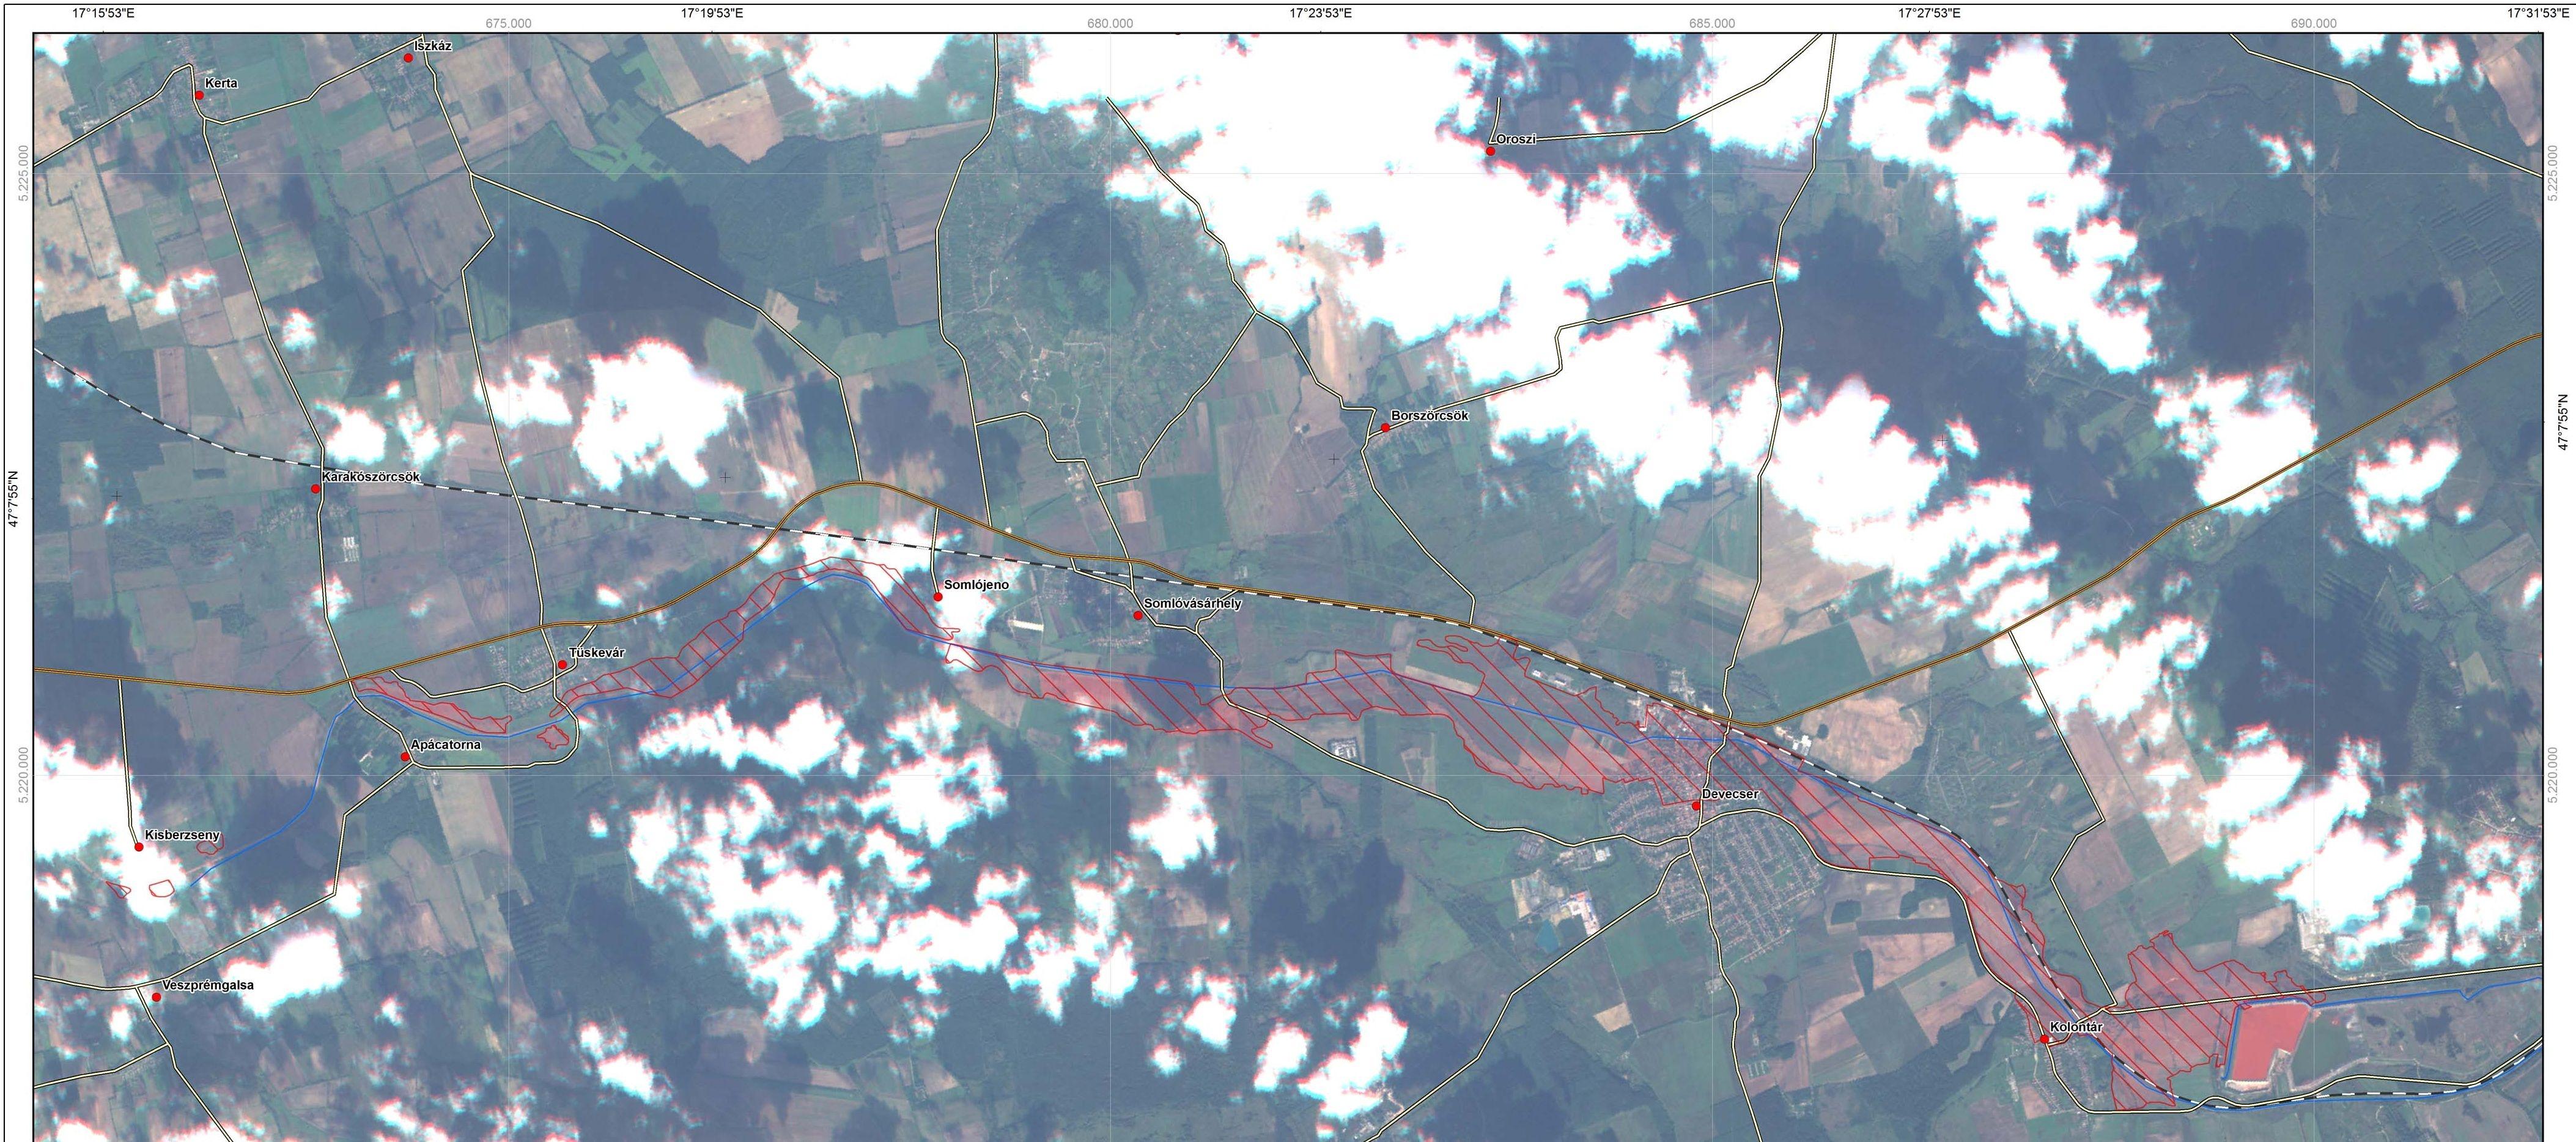 3. ábra Az elöntött terület (űrfelvétel, Űrvilág.hu)